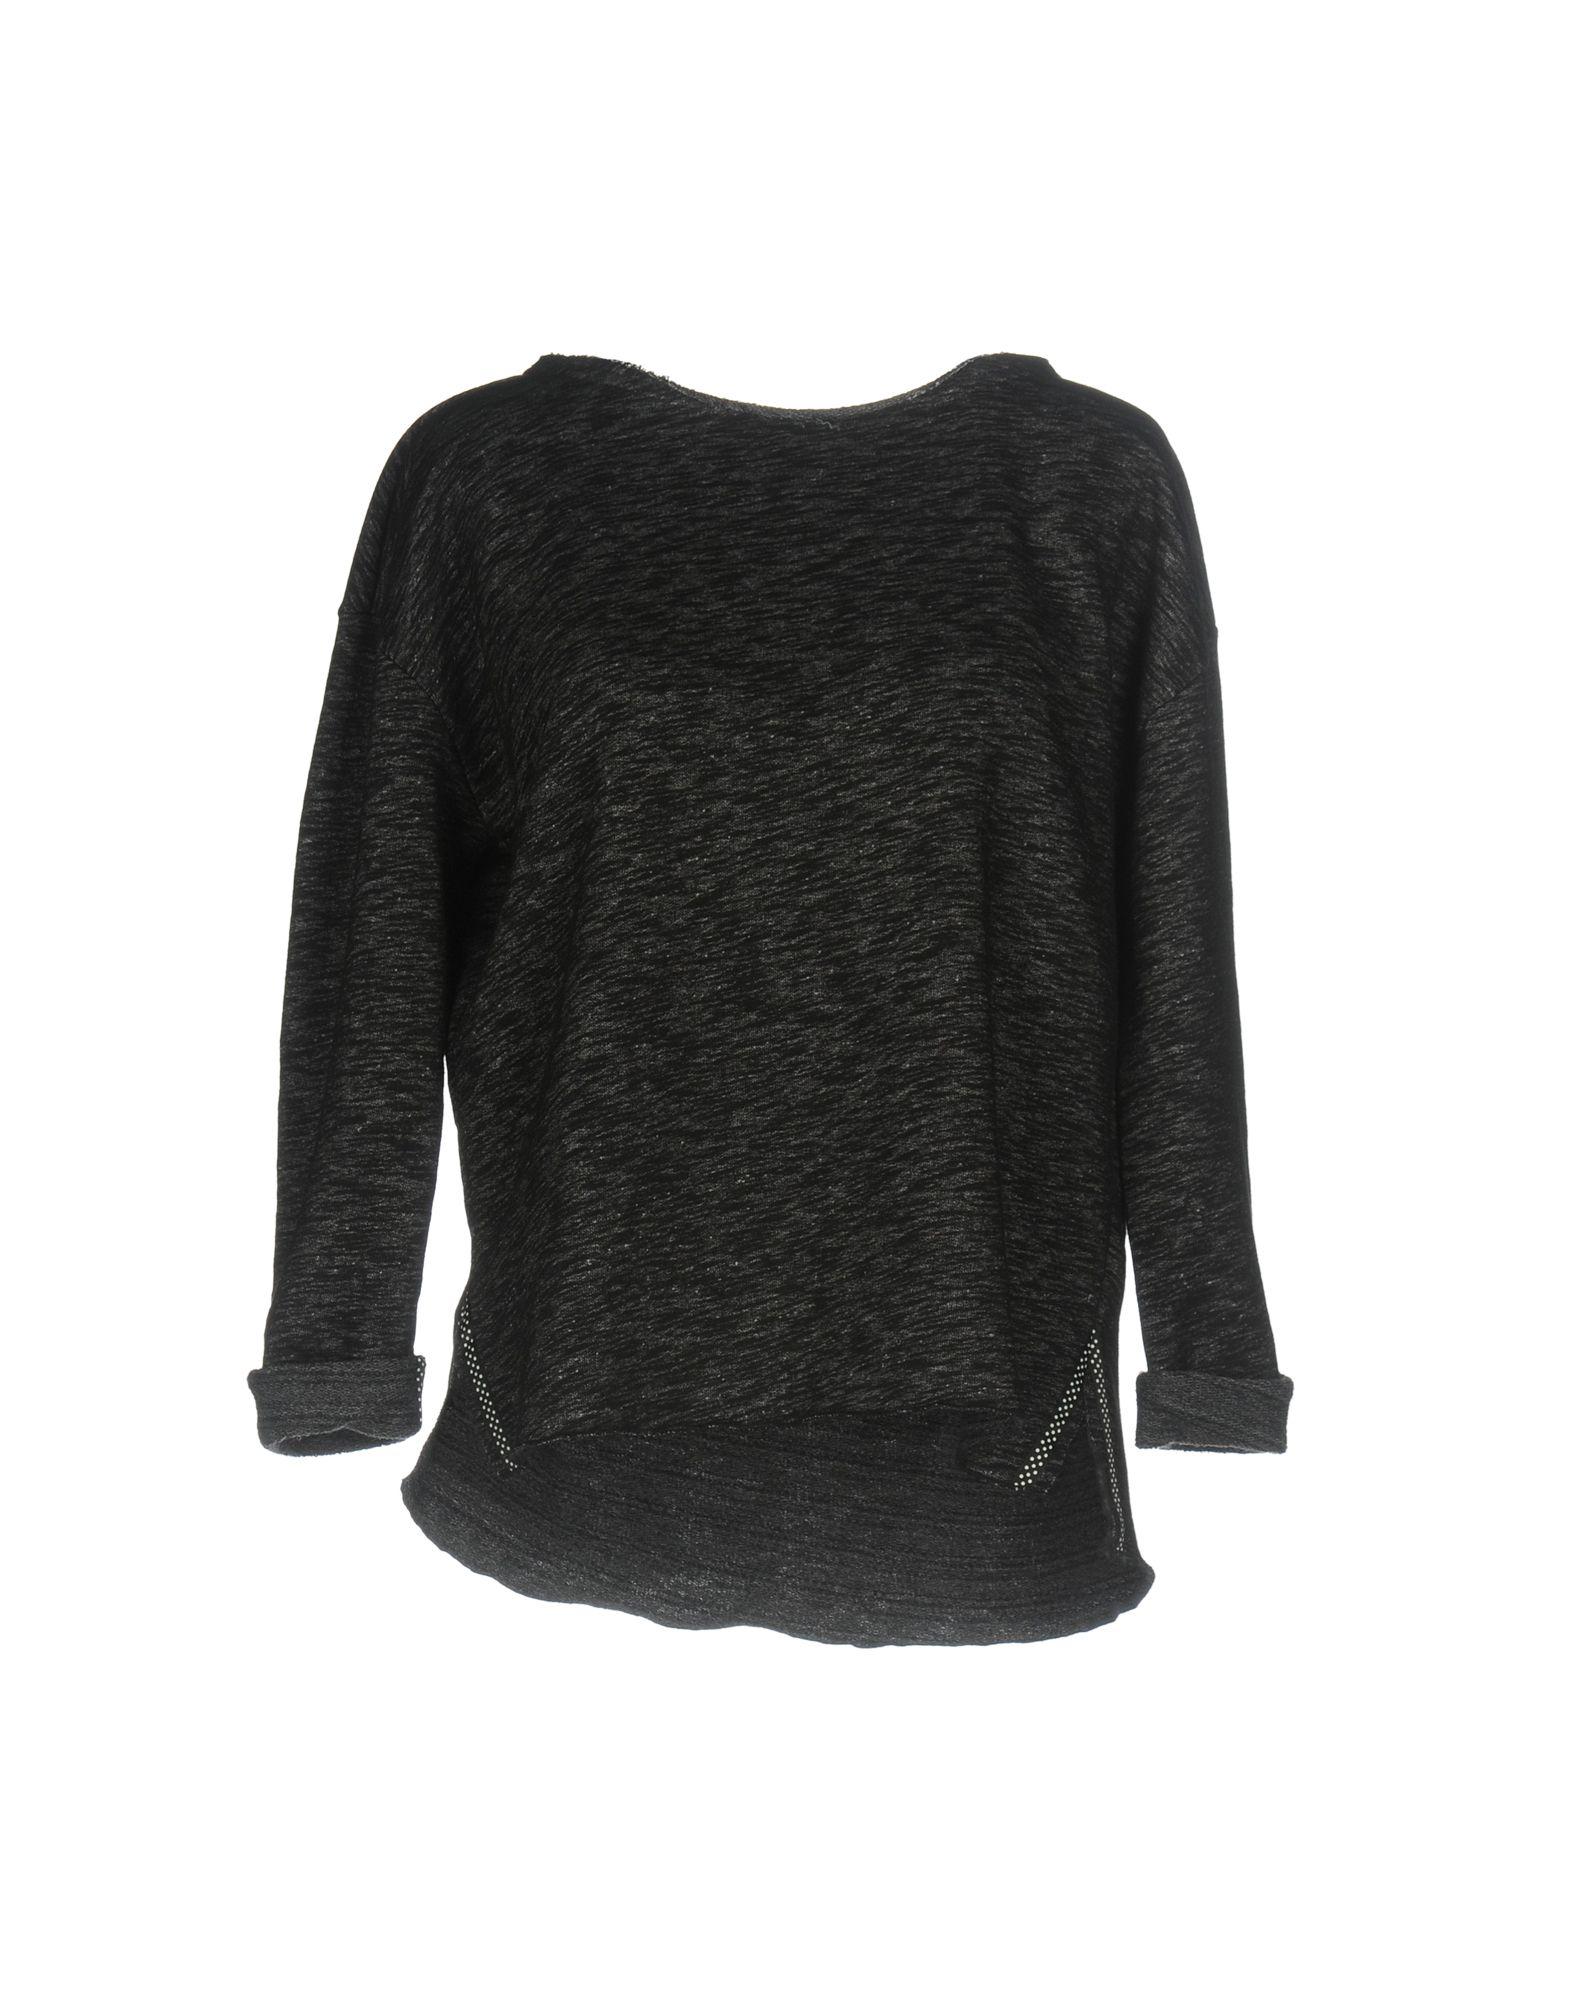 POUR MOI Damen Sweatshirt Farbe Schwarz Größe 4 jetztbilligerkaufen